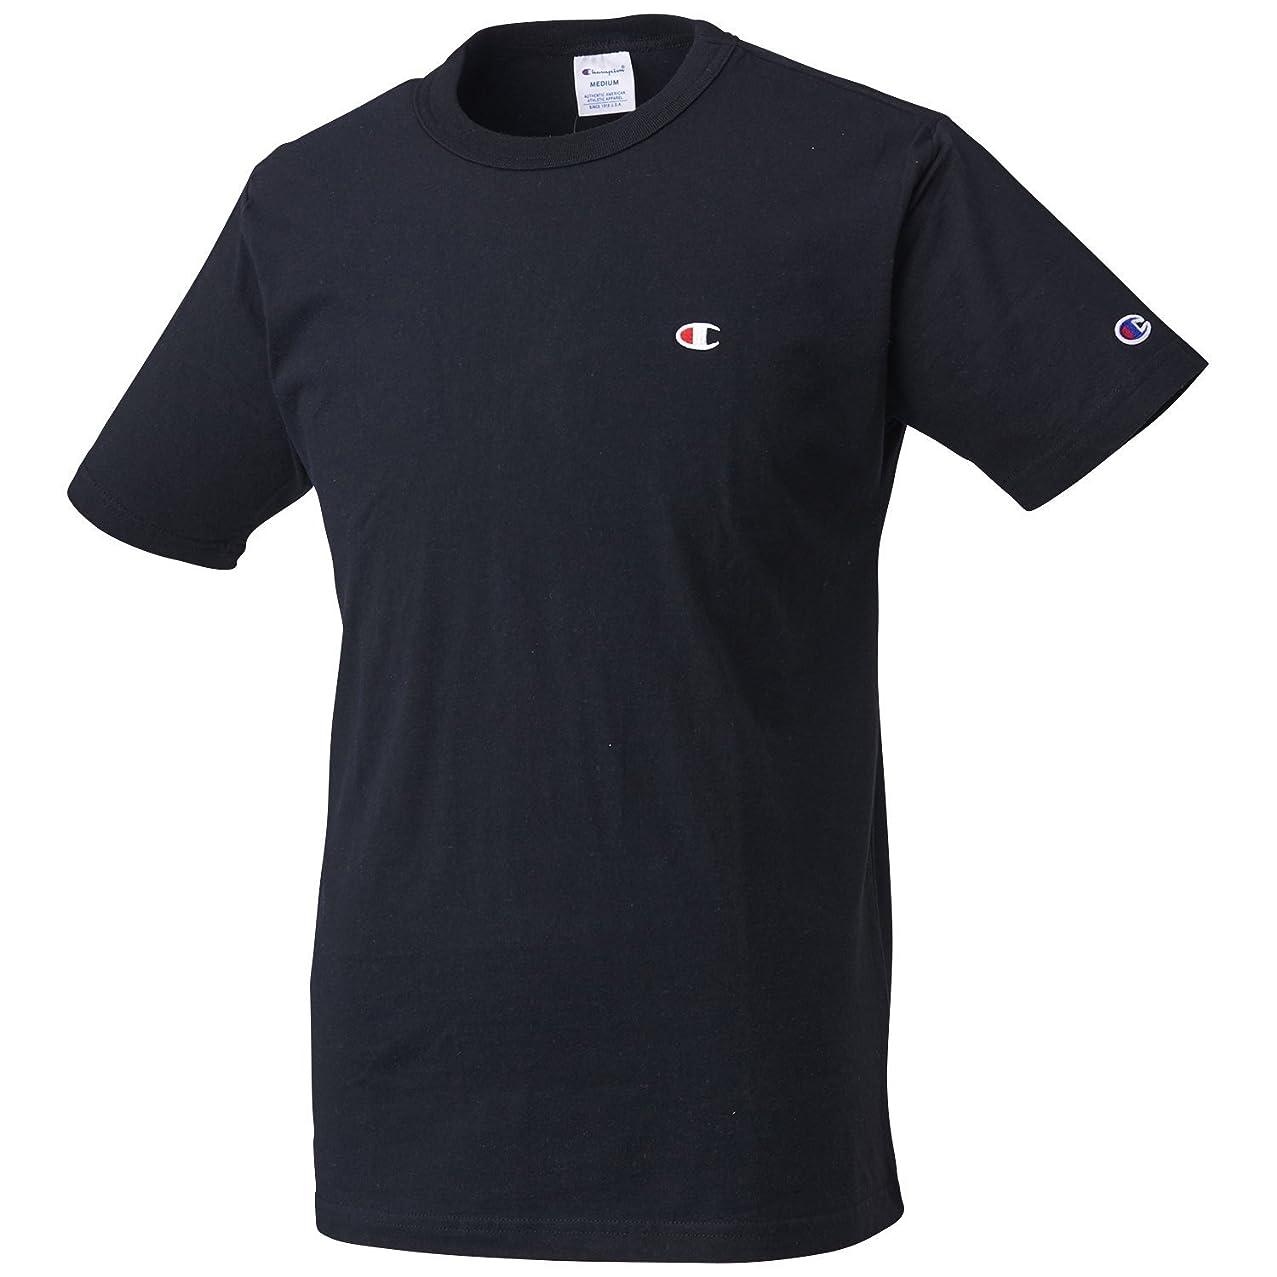 南東すり学習Championチャンピオン ベーシックライン無地 メンズ半袖Tシャツ C3-P300